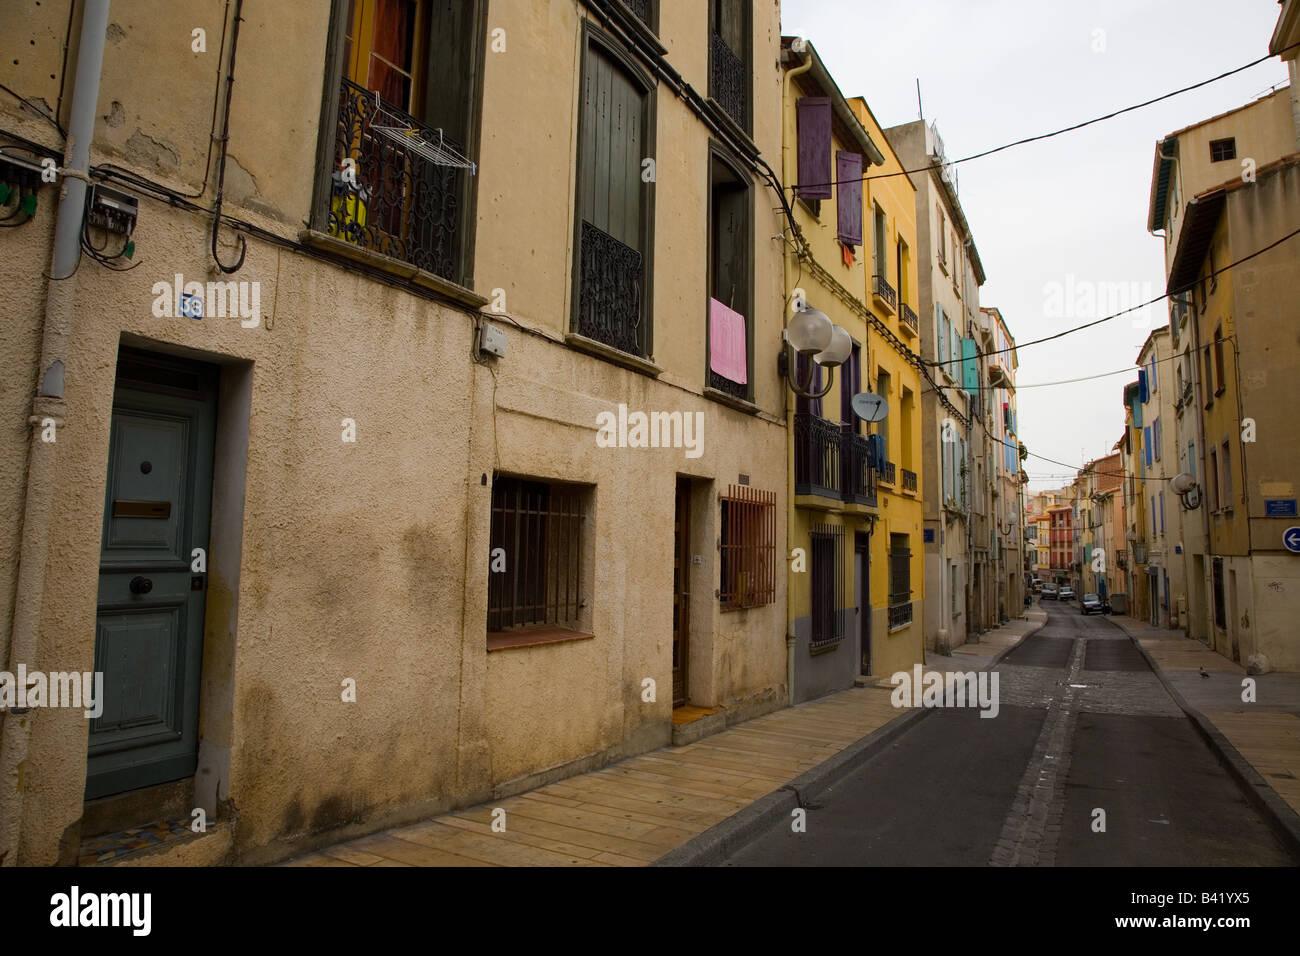 Ruelle dans la vieille ville de Perpignan France Photo Stock